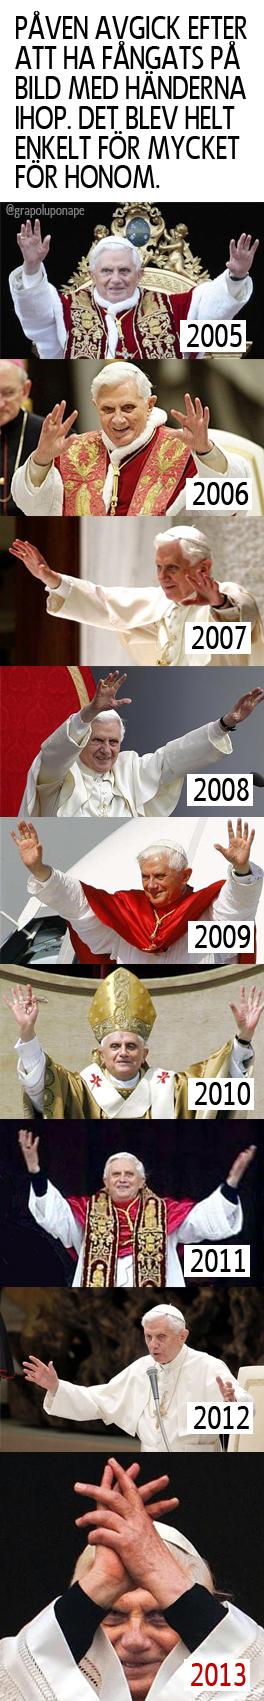 påvens